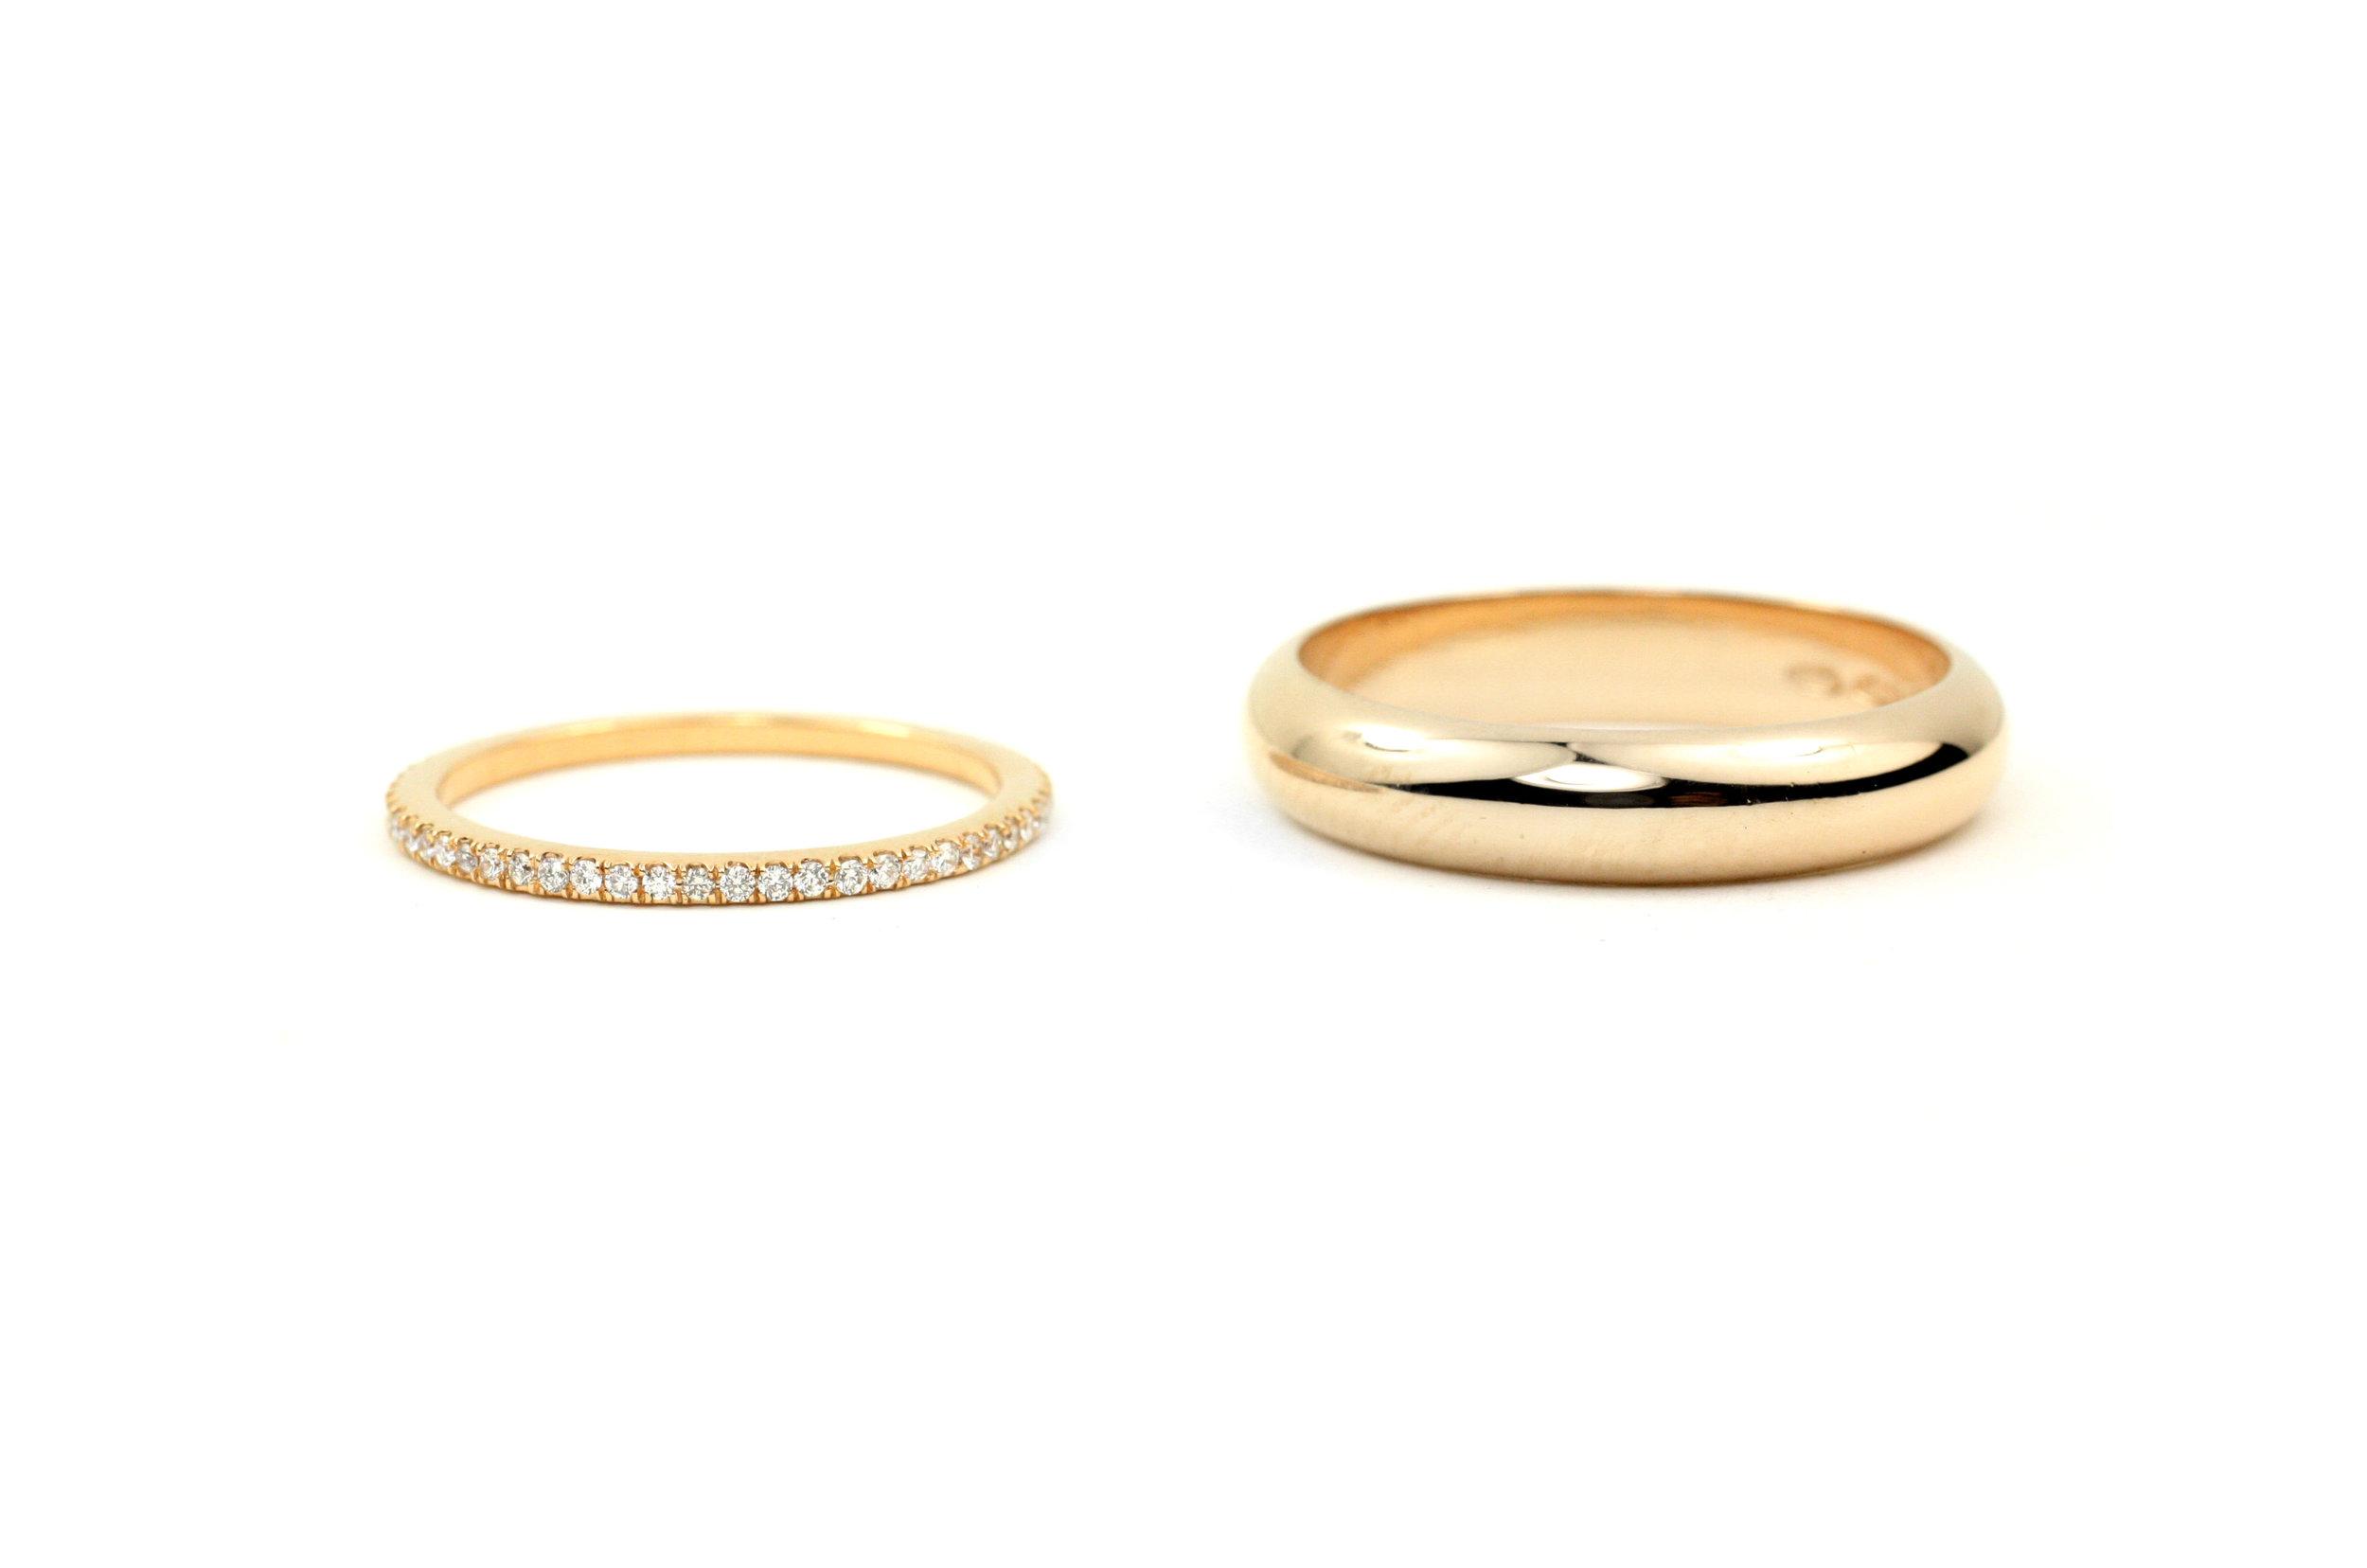 Diamond Band and Gold Band